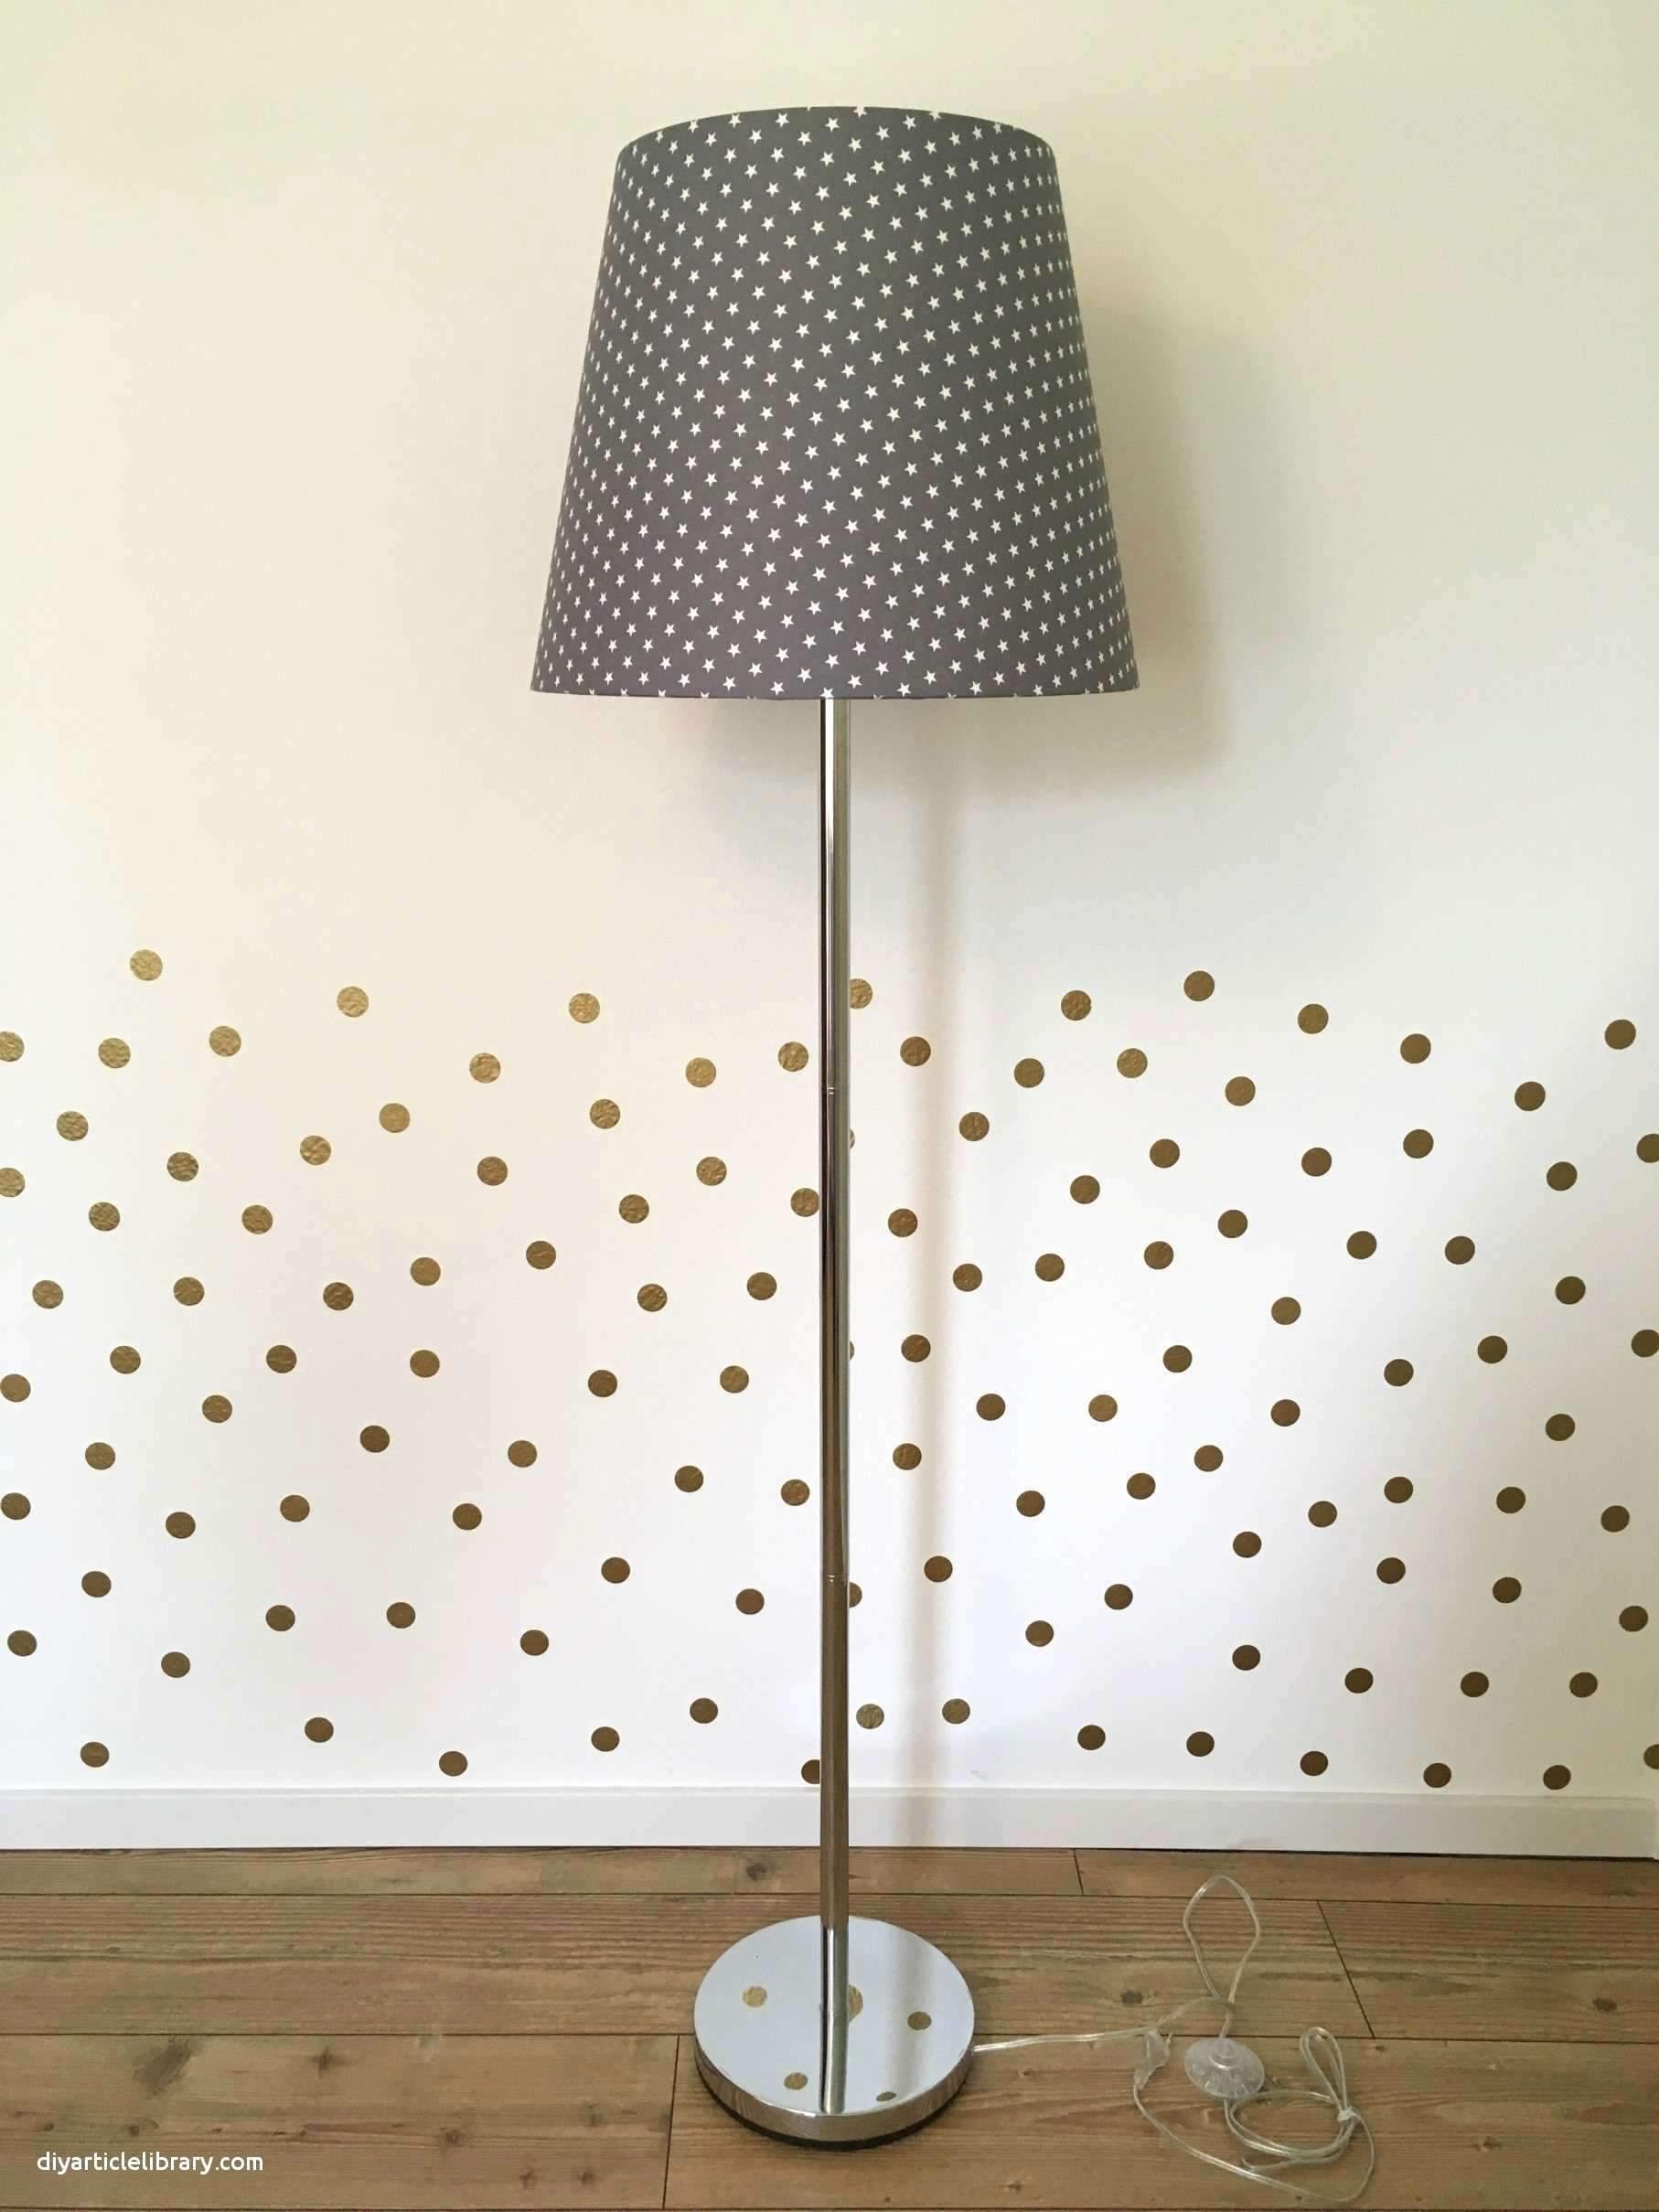 stehlampe wohnzimmer genial wohnzimmer stehlampen frisch kinderzimmer wand ideen of stehlampe wohnzimmer